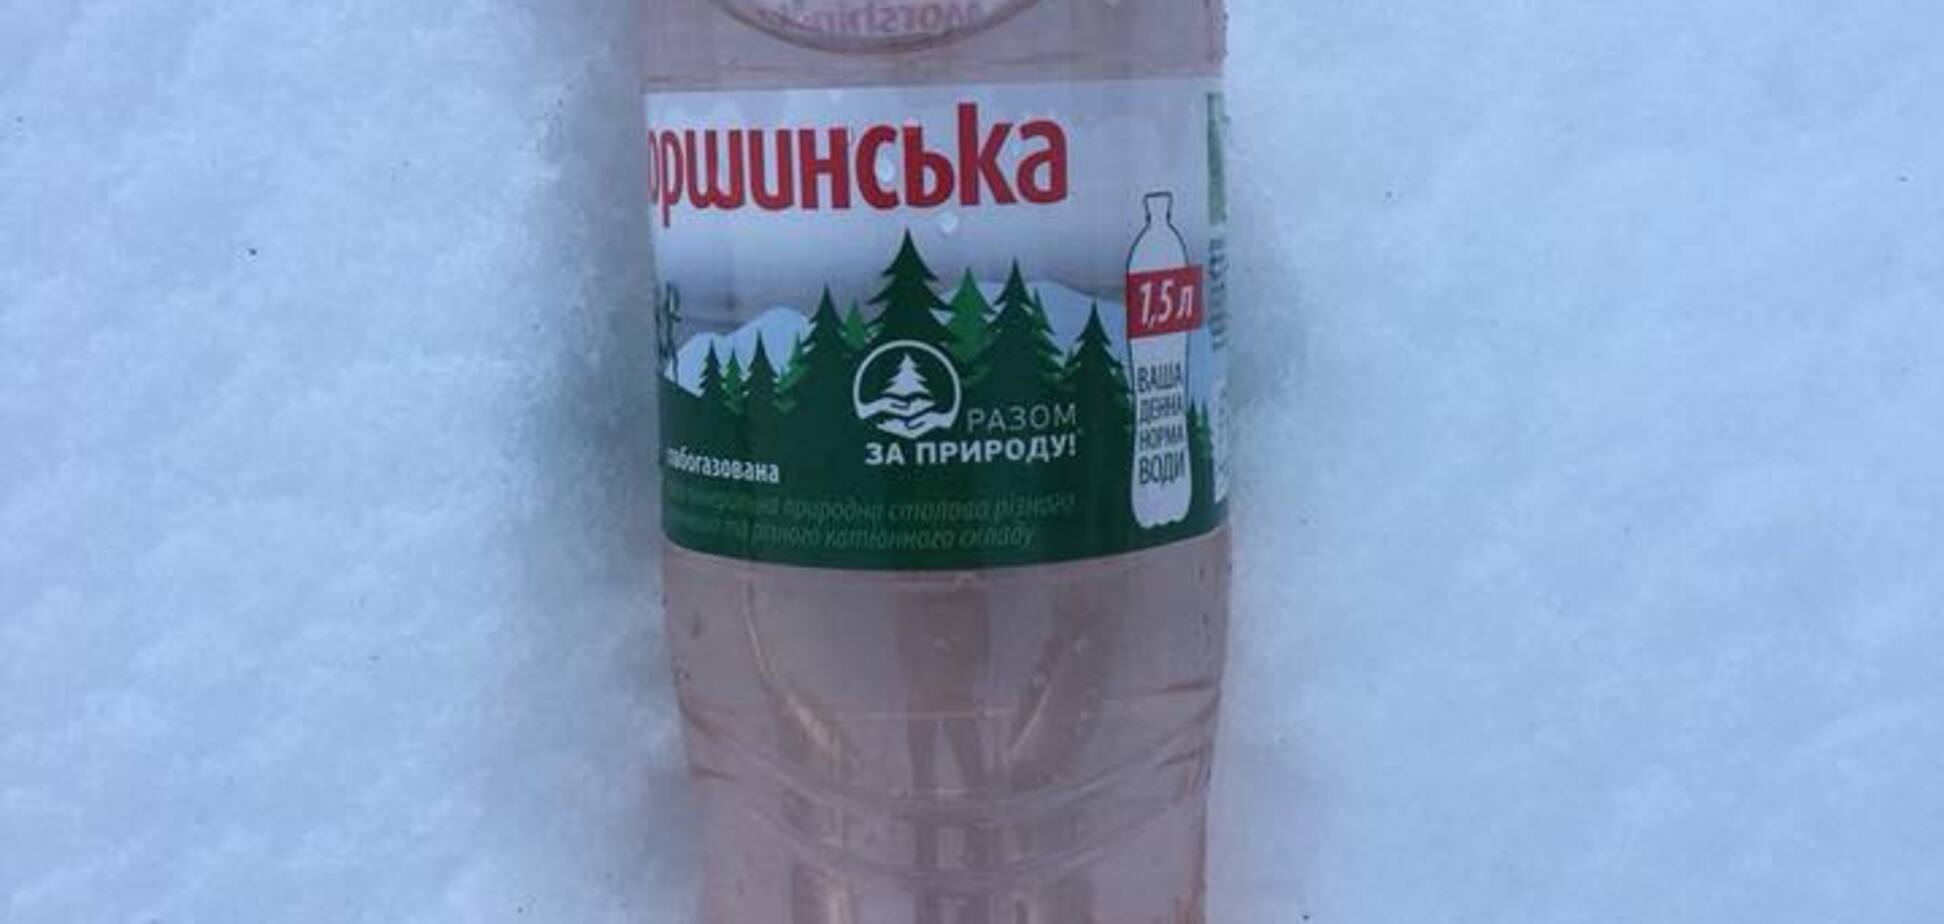 На Київщині з кранів тече отруйна вода: результати експертизи